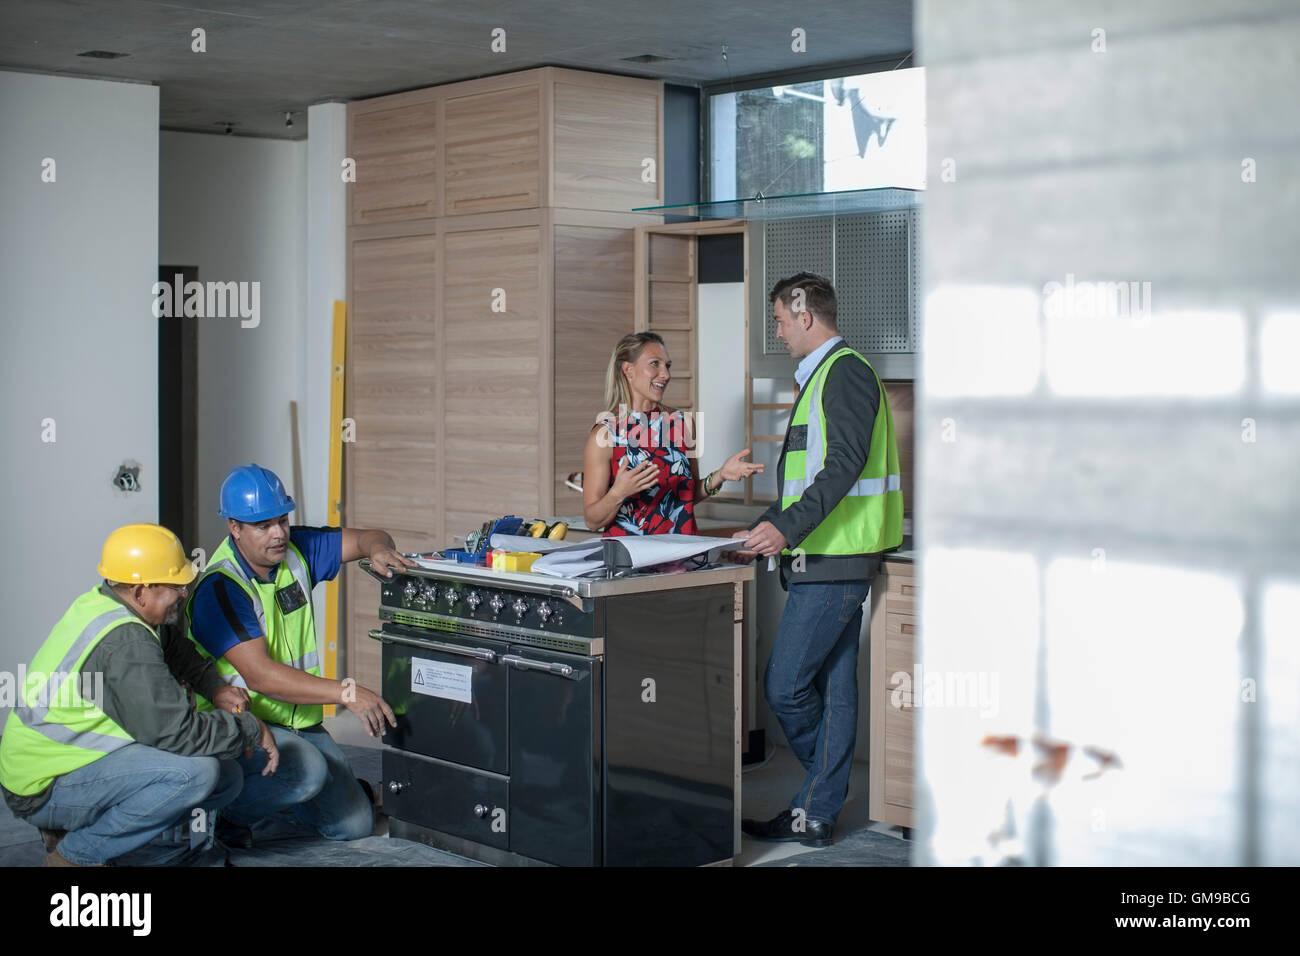 Architekt und Frau diskutieren Küche Ausstattung Stockbild